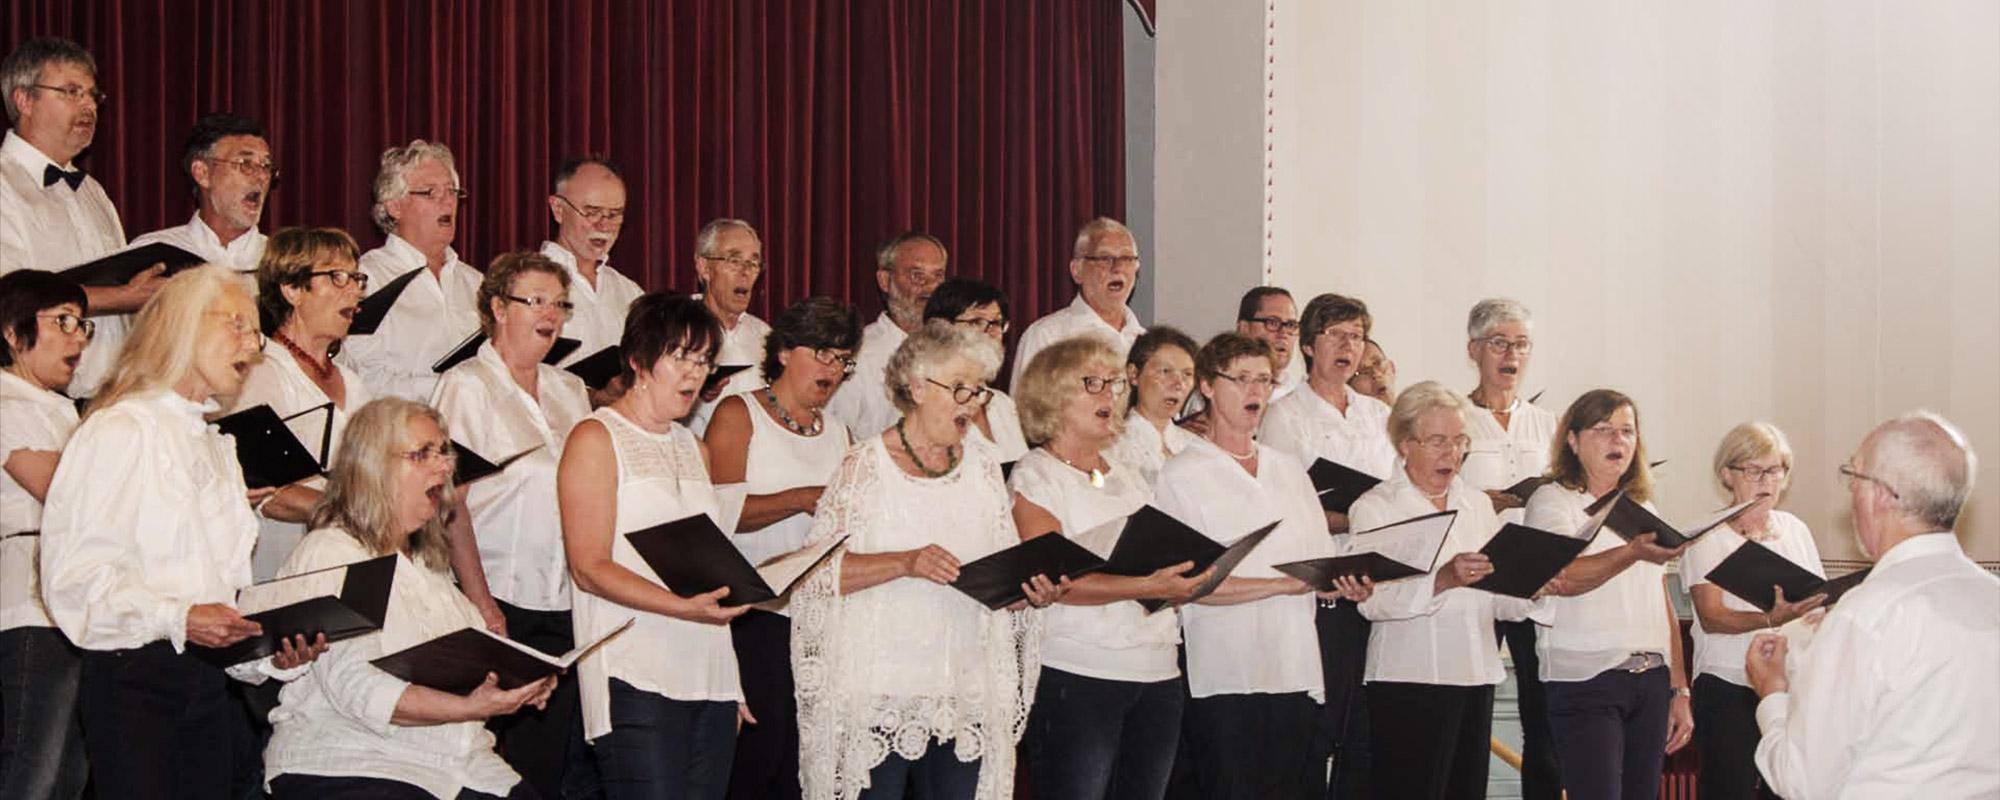 Capella Vox Humana Sänger Konzert